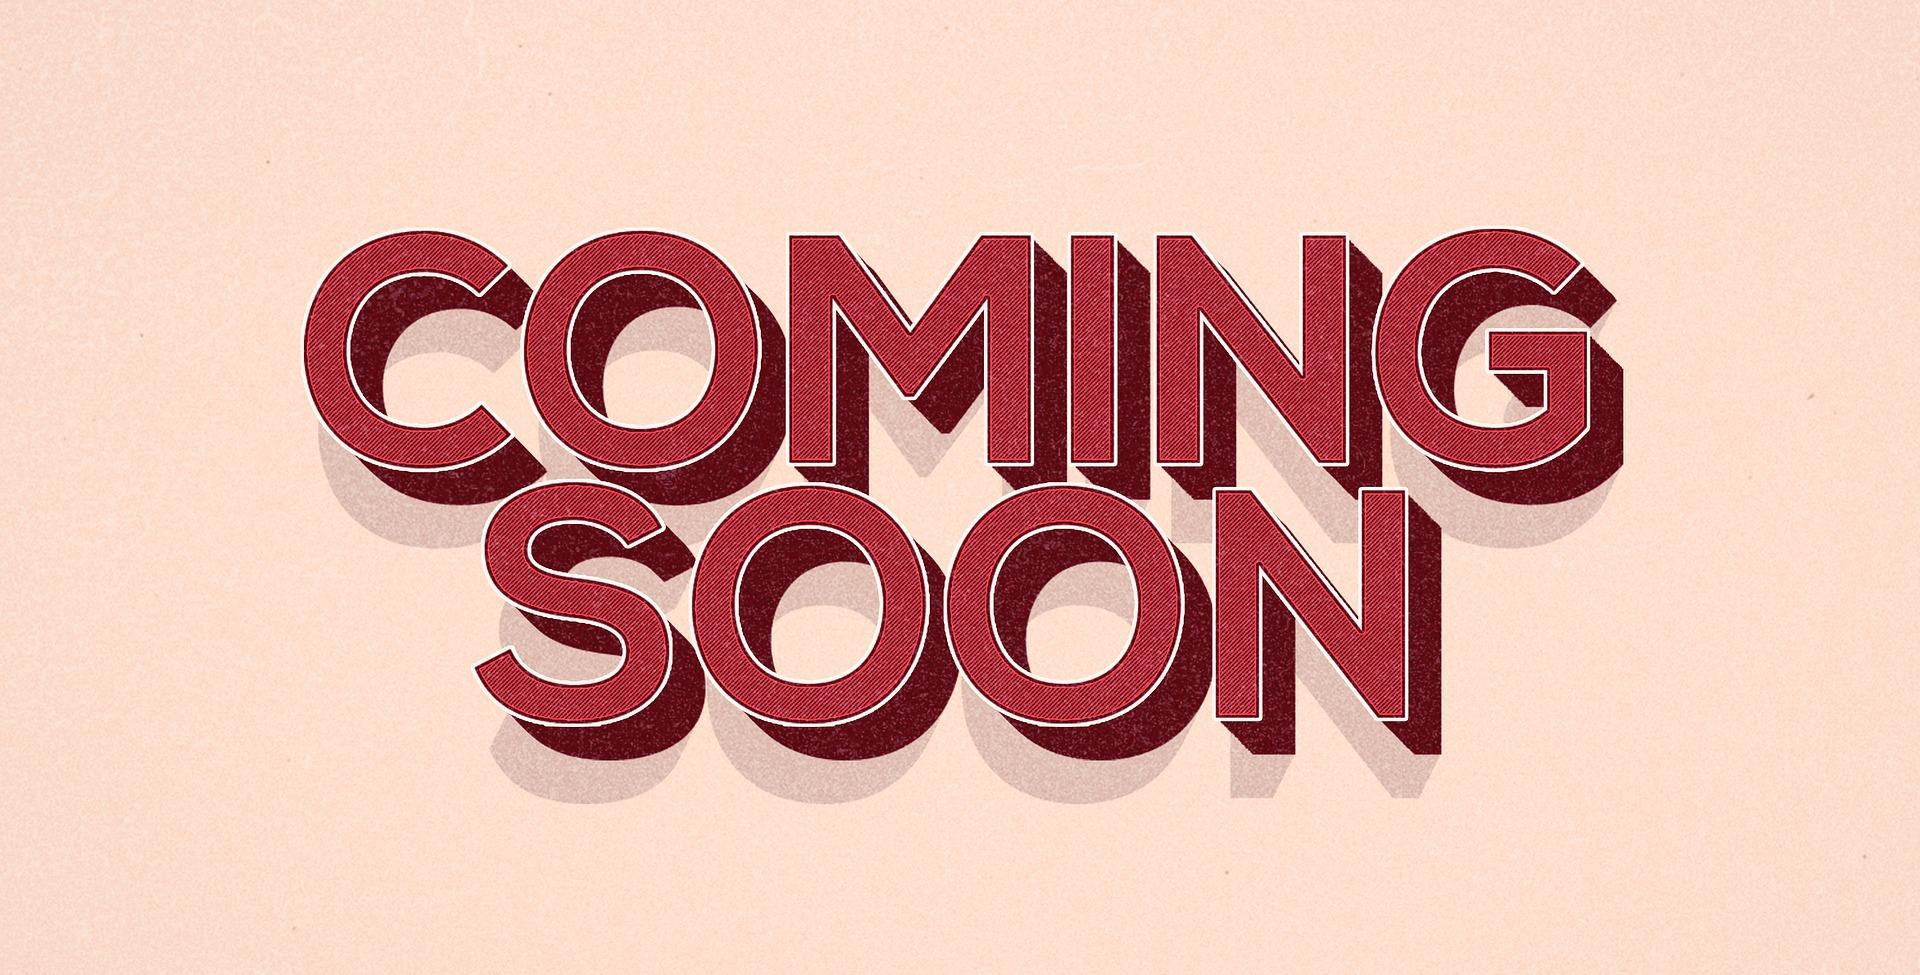 coming-soon-1568623_1920.jpg